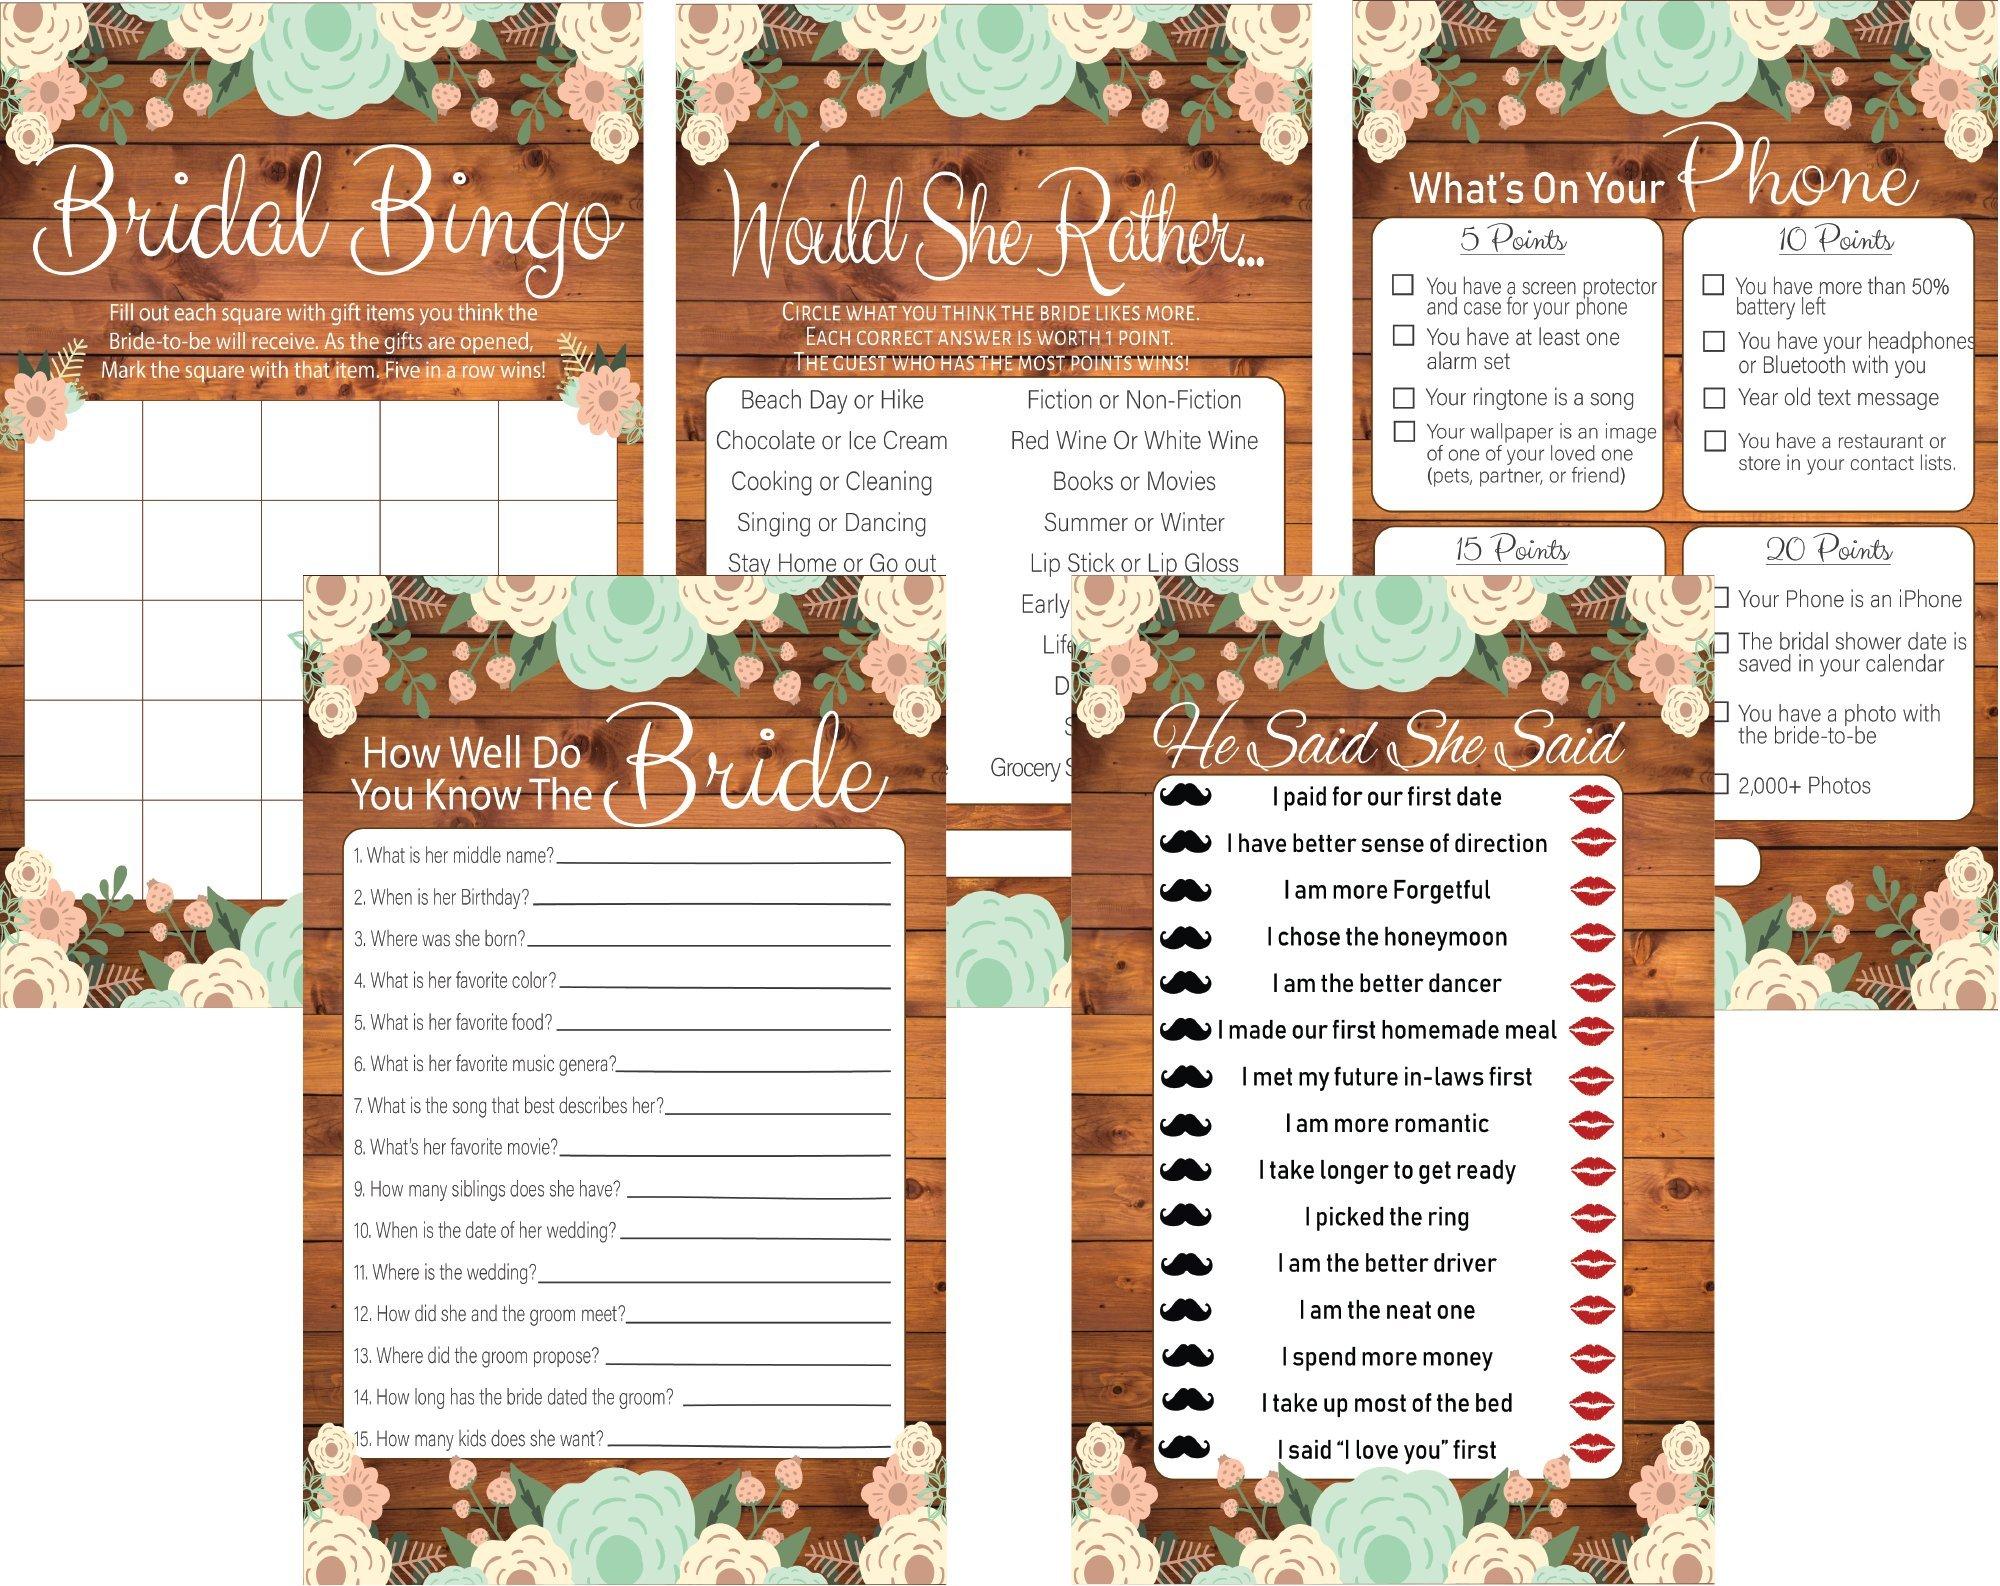 5 Rustic Bridal Shower Games Set, 20 Bride Game Cards for Each Game, Bridal Shower Decorations, Bride To Be Gifts, Wedding Games & Wedding Decorations, Party Favors (Bridal Shower Game Bundle)